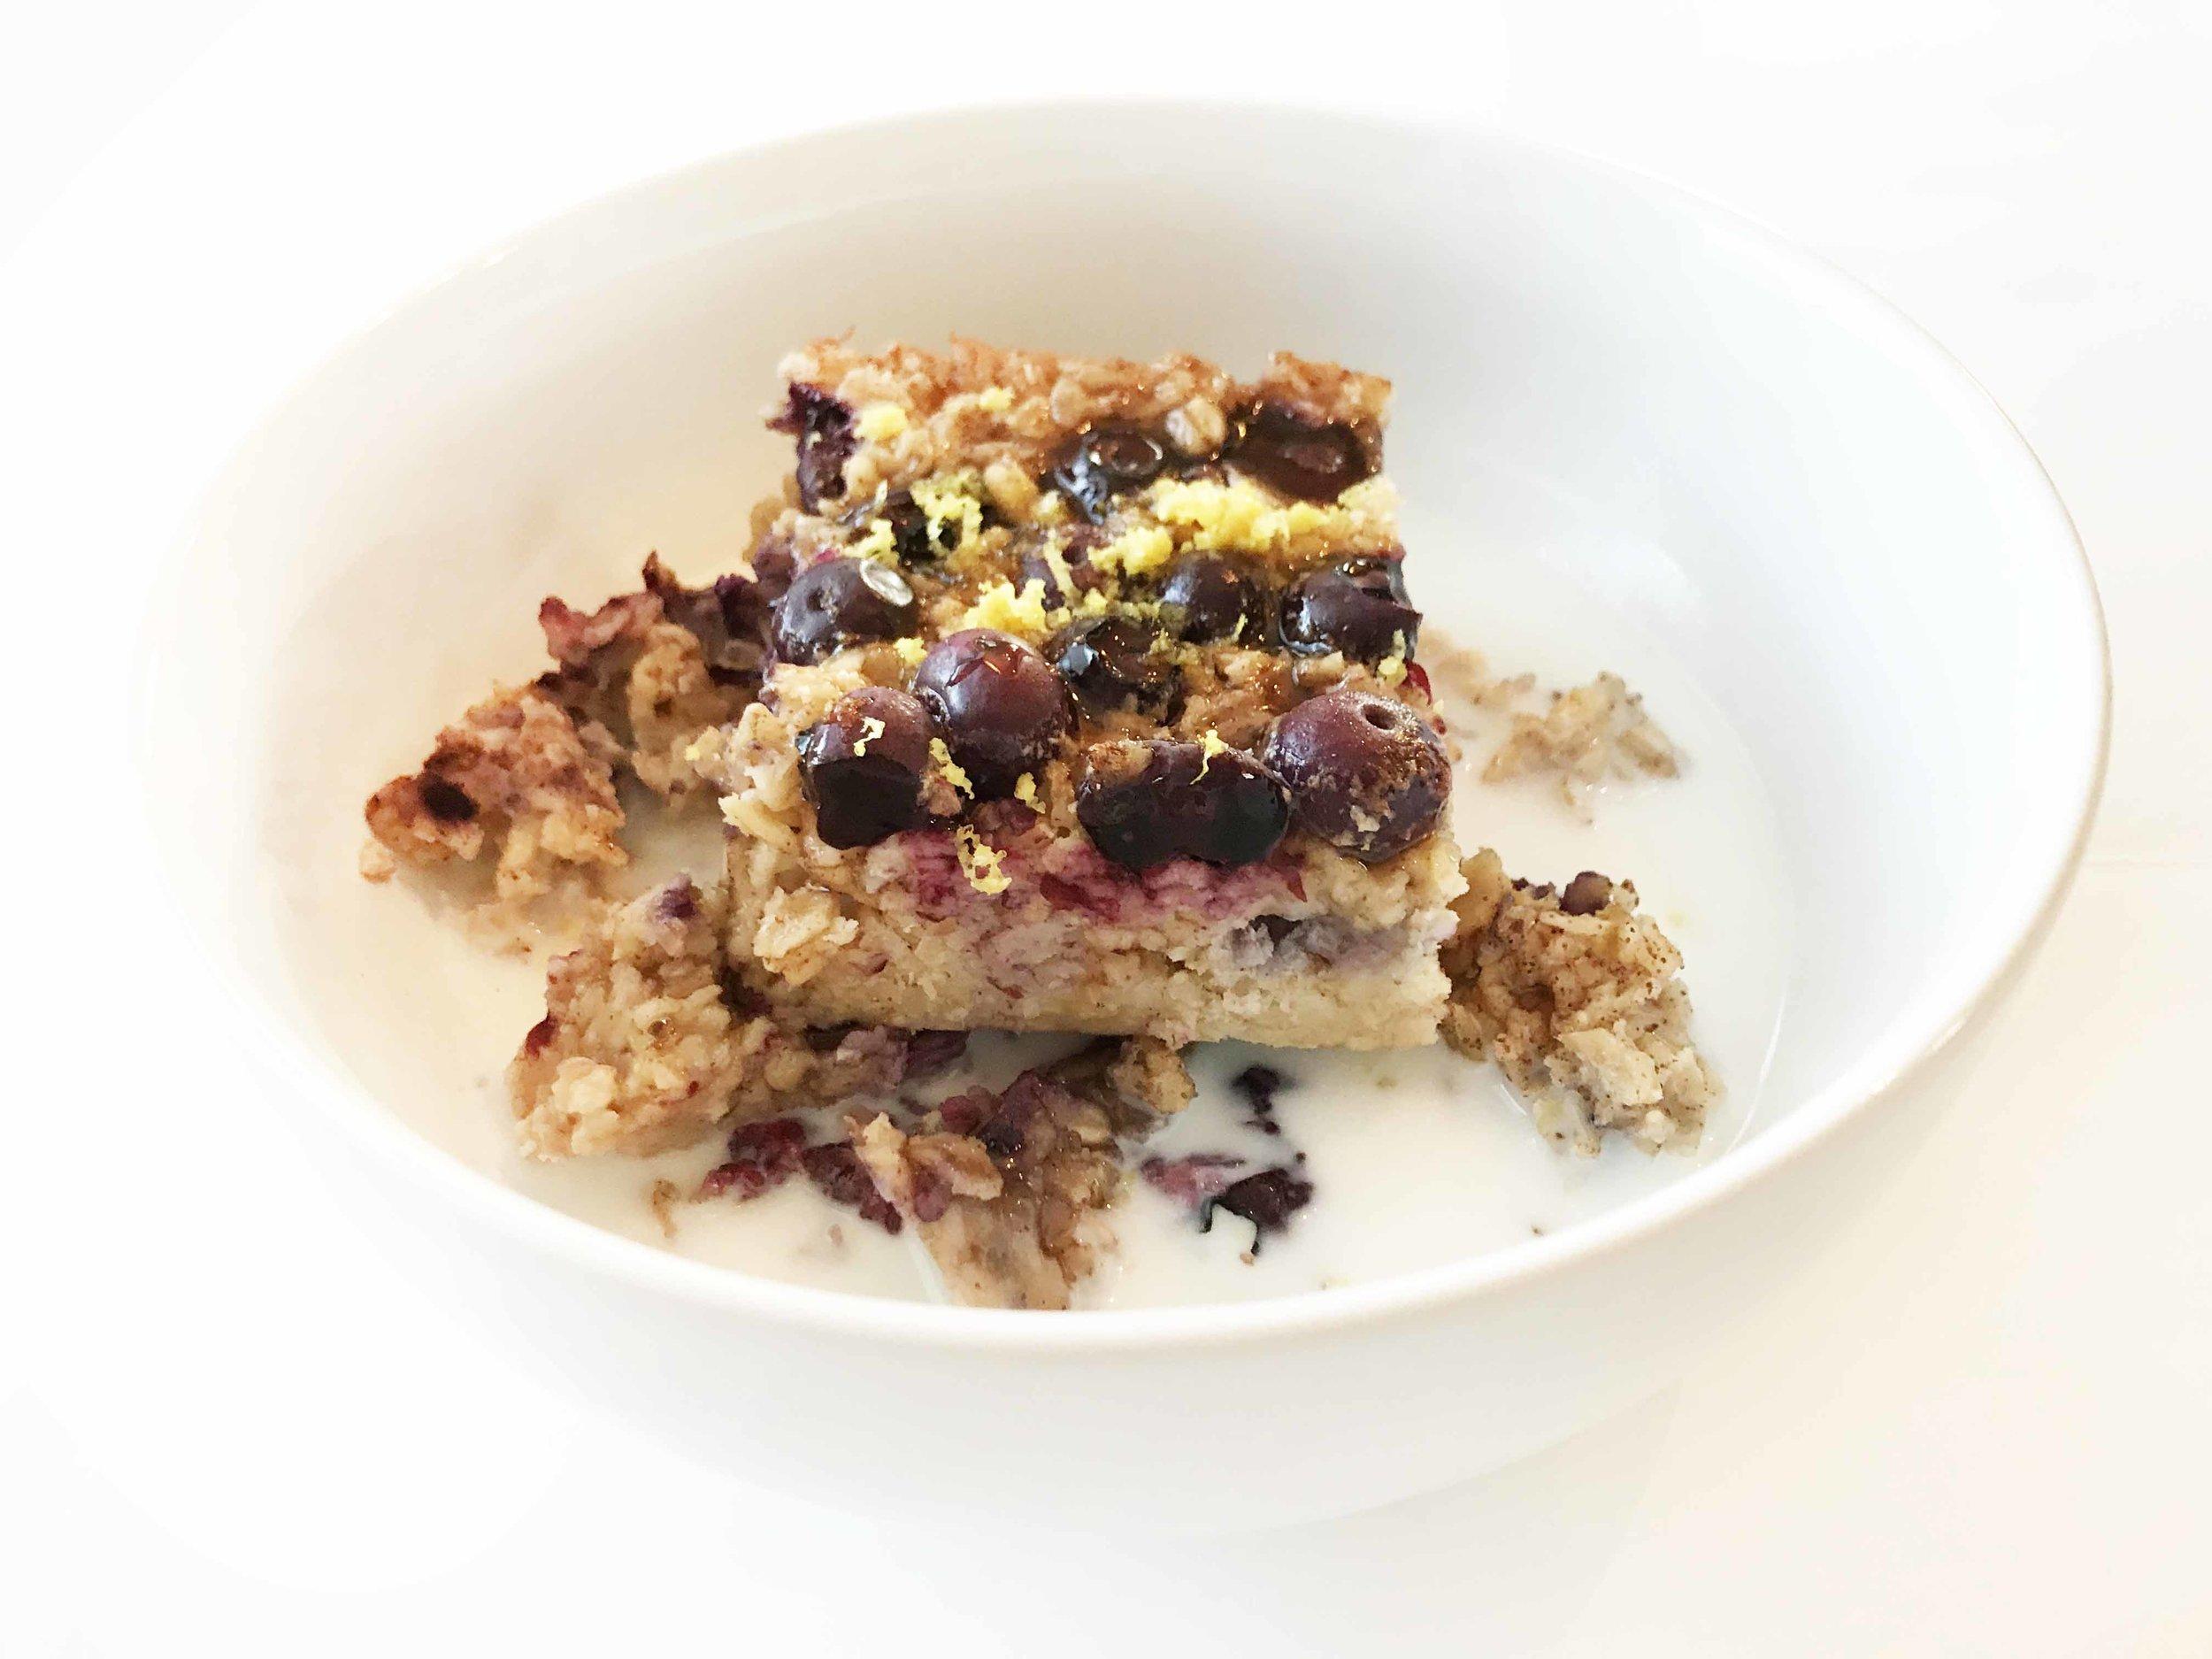 baked-blueberry-oatmeal11.jpg